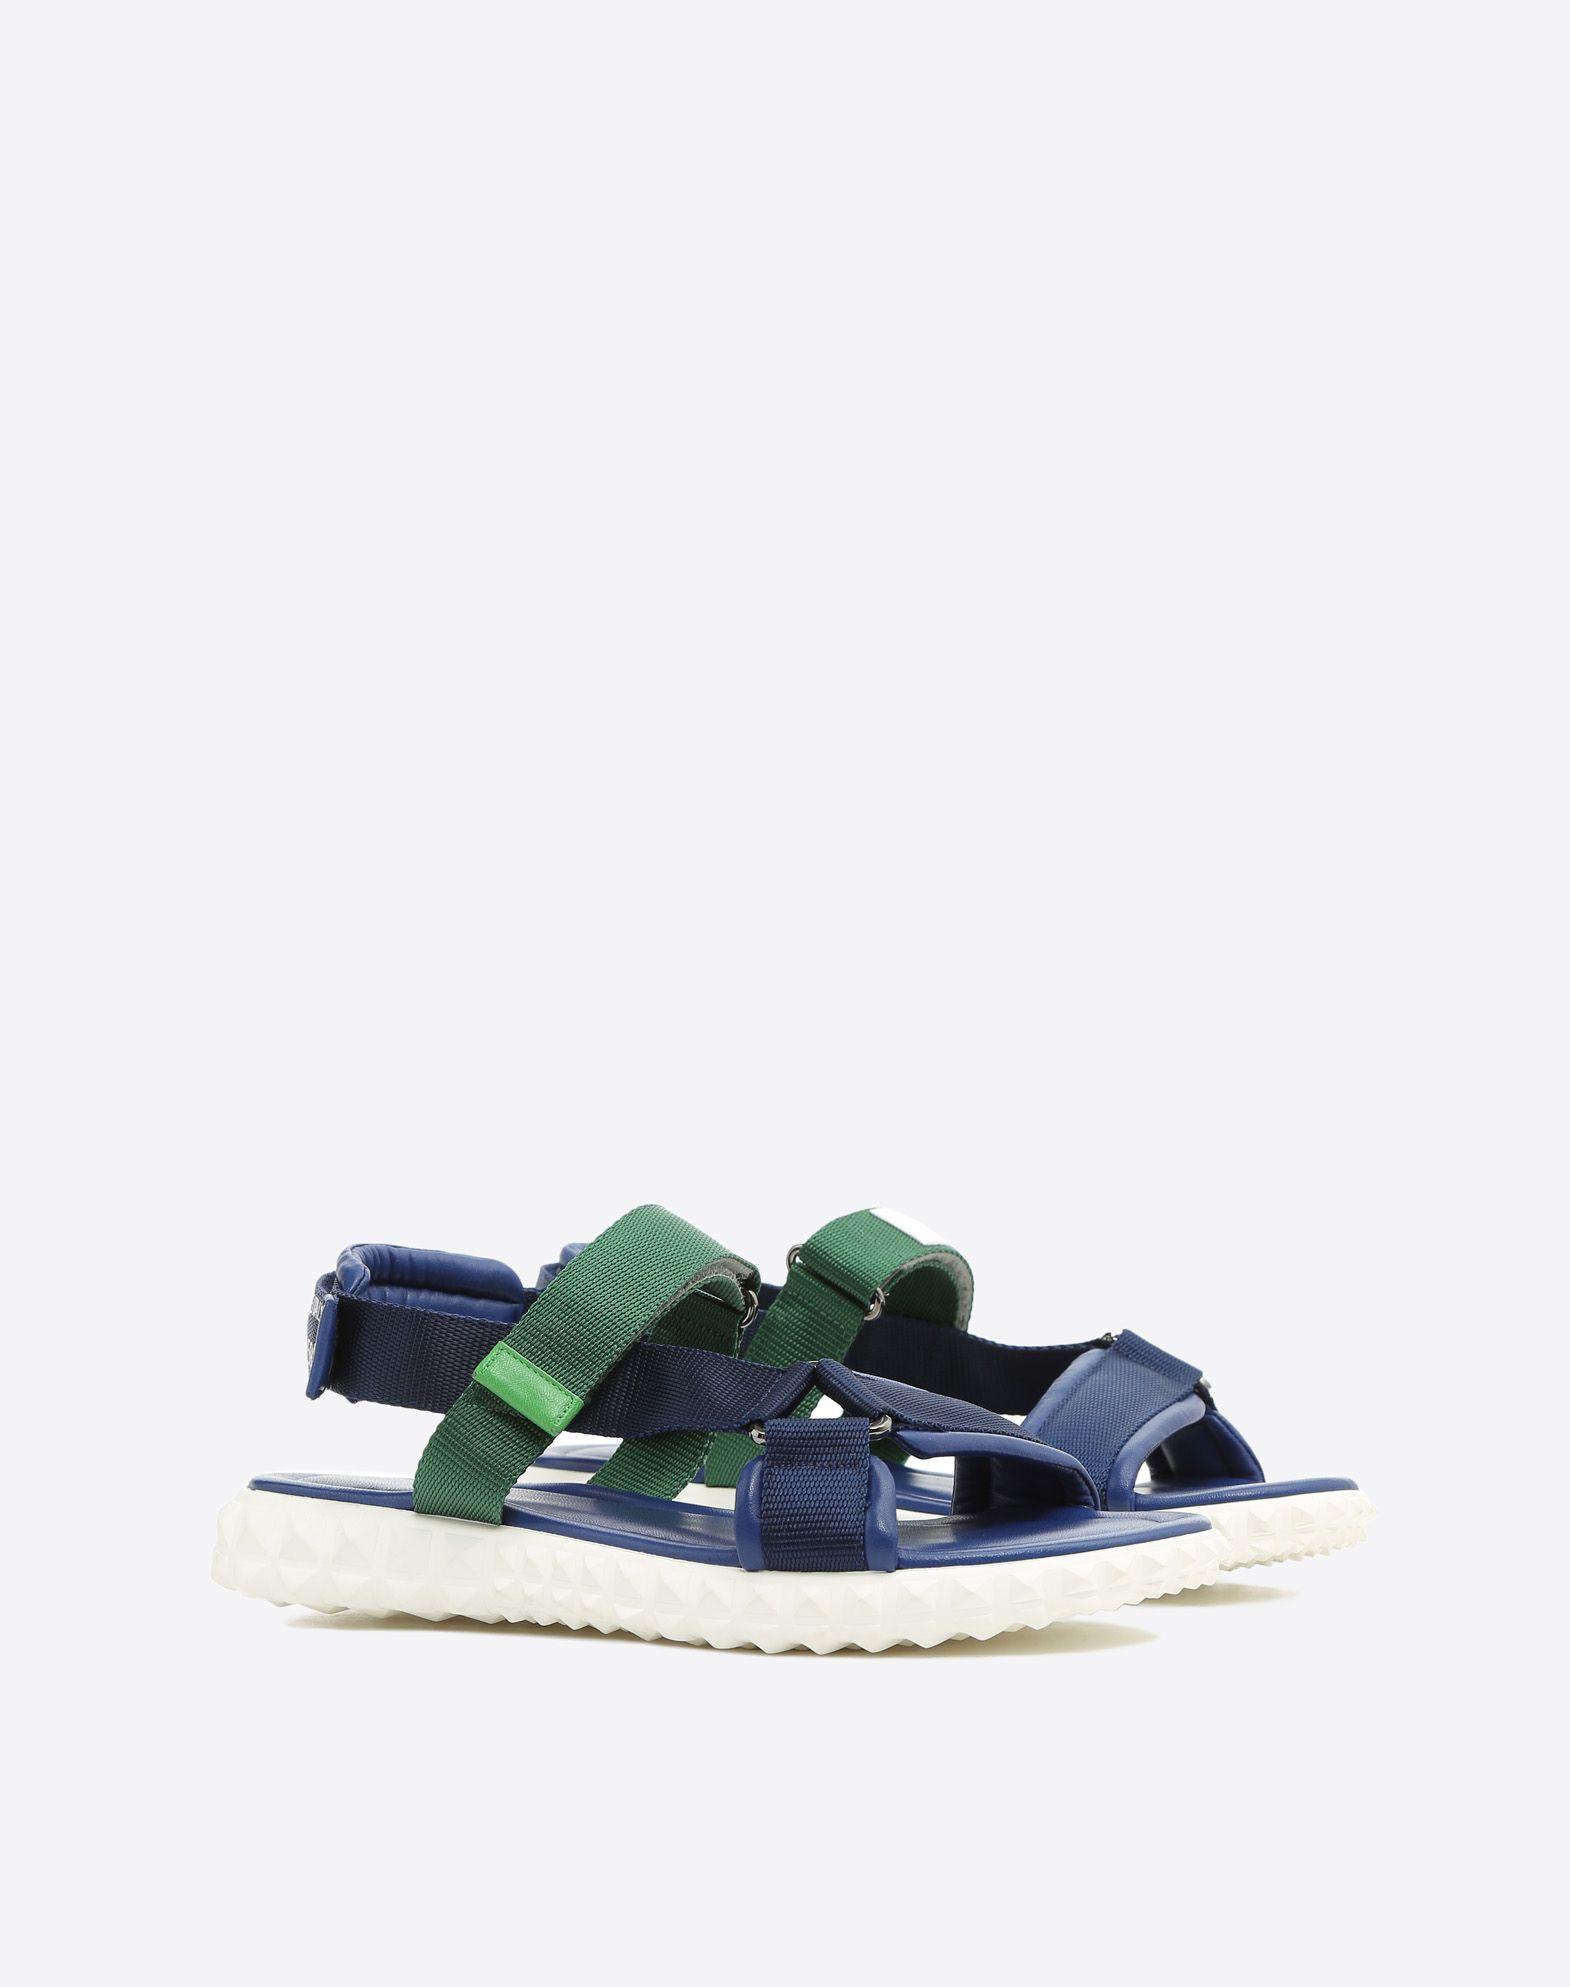 VALENTINO GARAVANI UOMO Coordinates 凉鞋 FLAT SANDALS U r